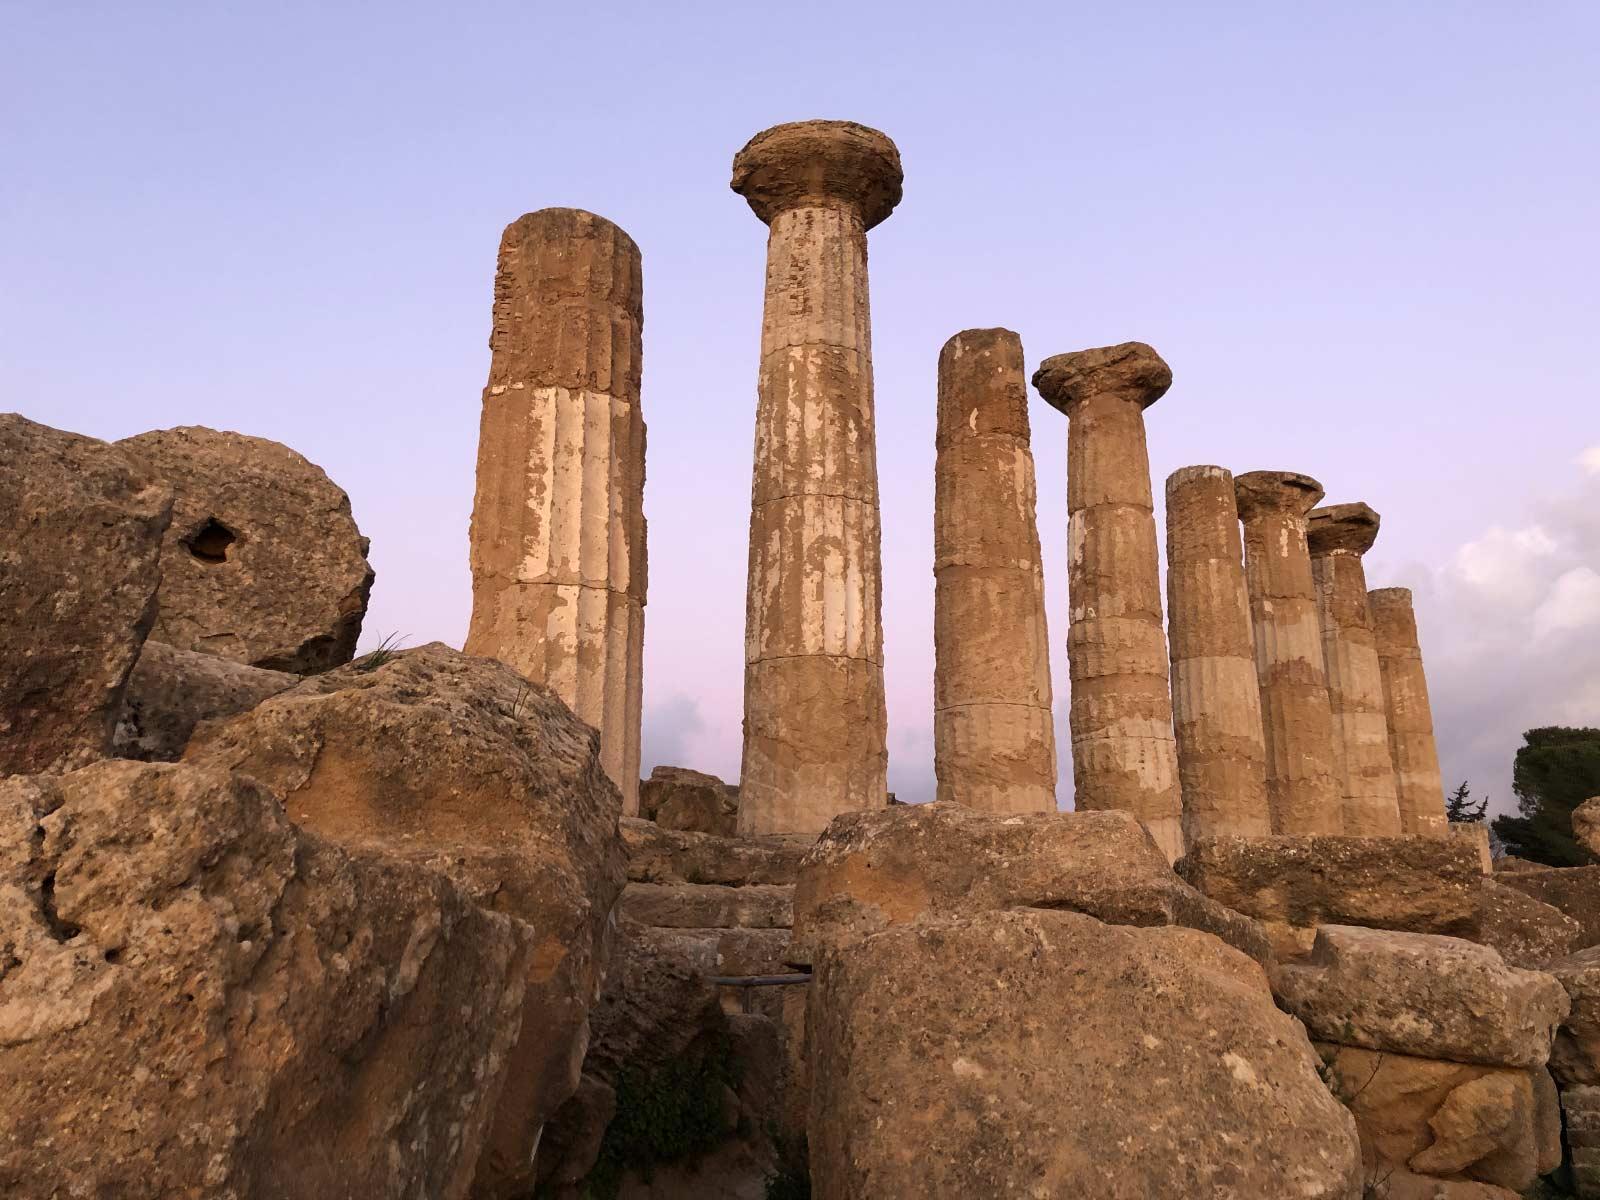 Le colonne del tempio di Ercole al tramonto con il cielo rosa sullo sfondo